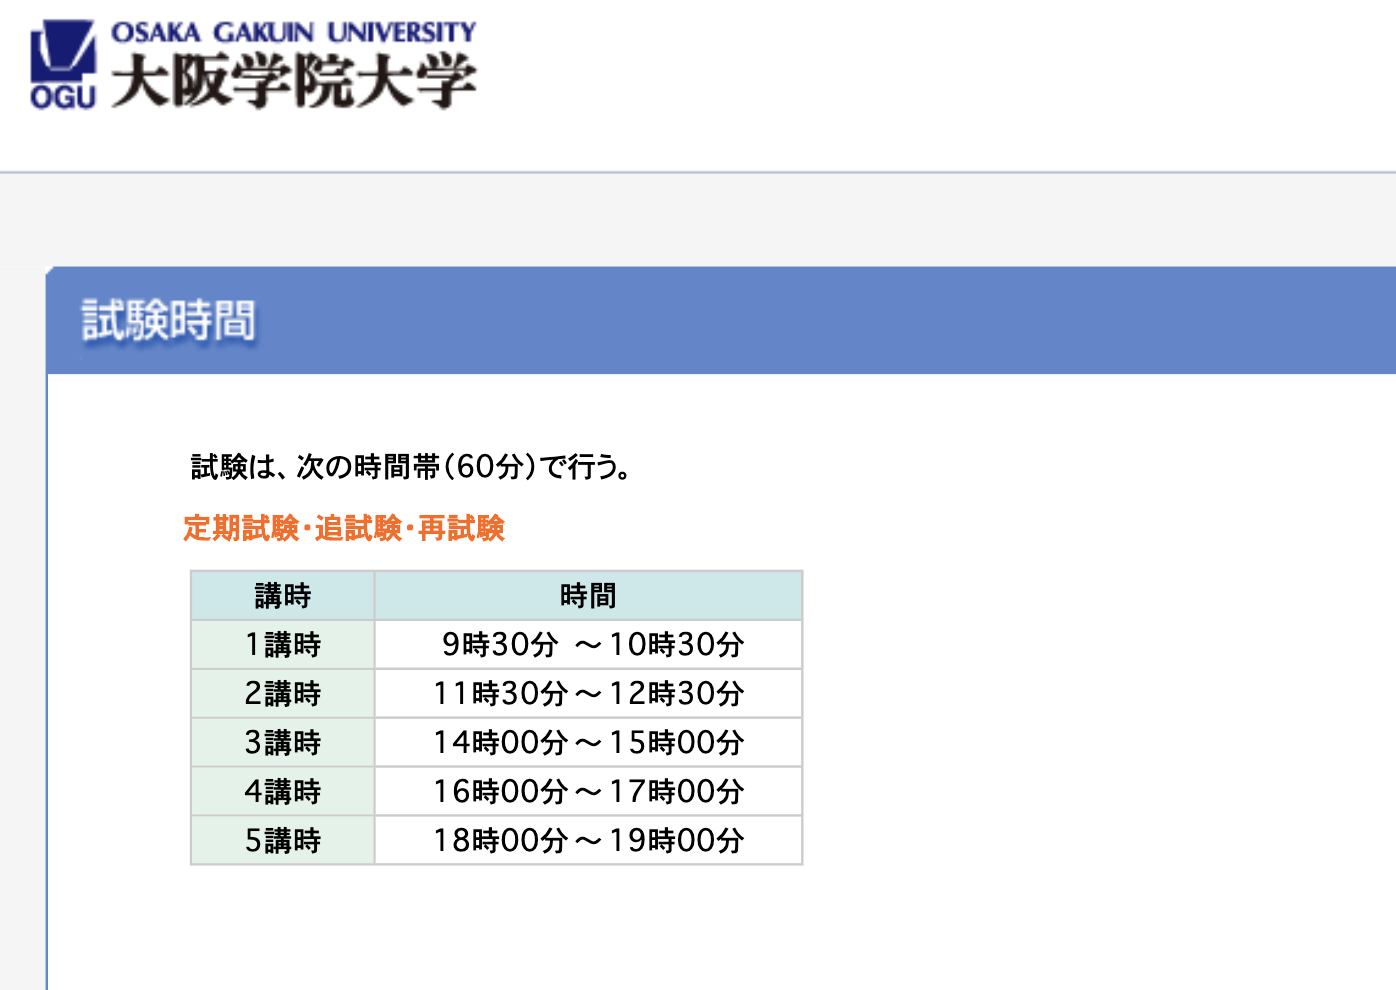 大阪学院大学 後期試験・レポート 教室・期限・提出情報